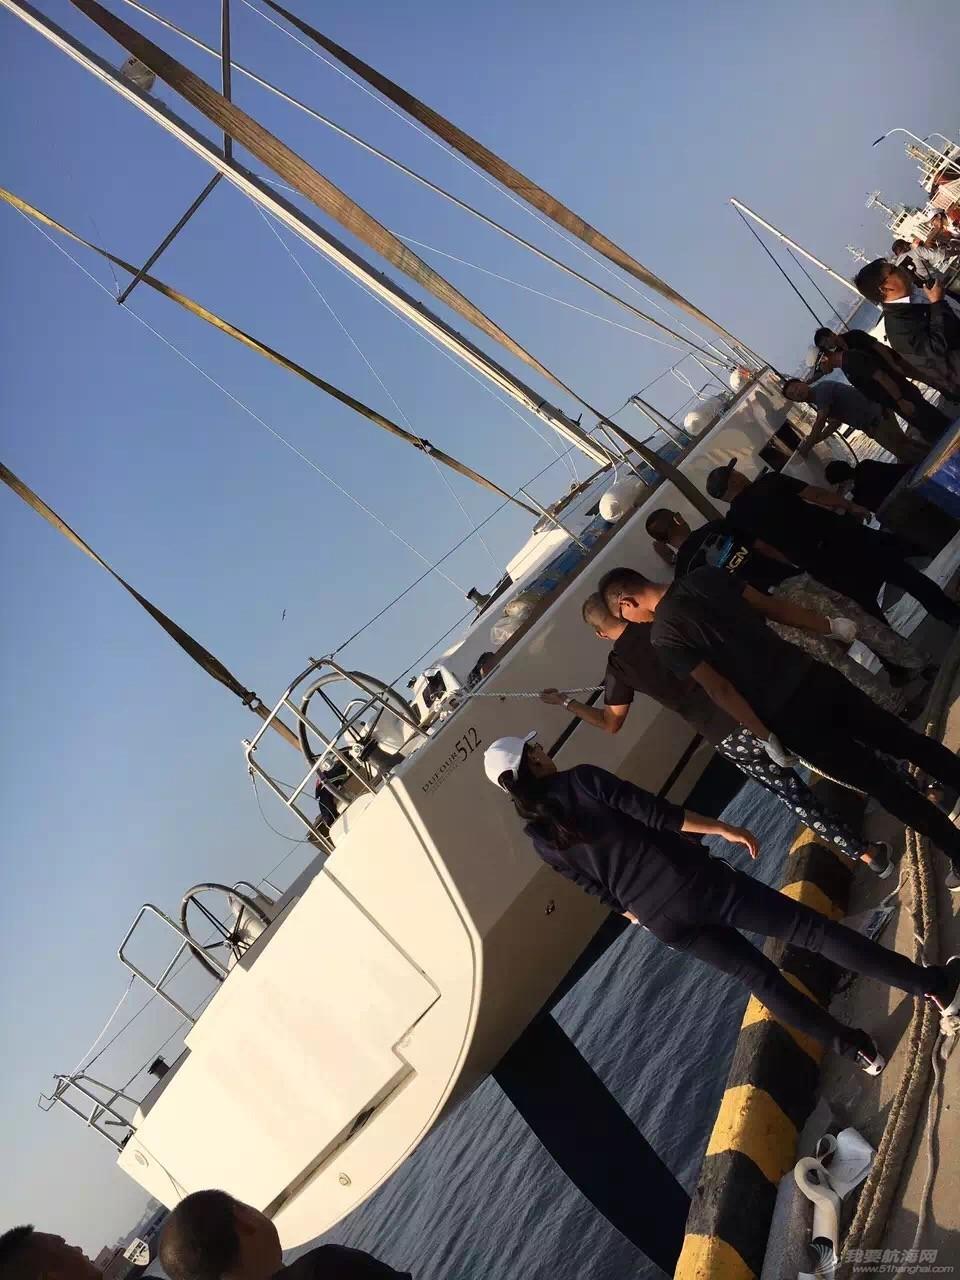 法国,帆船 51尺法国DUFOUR大帆船到港安装桅杆 webwxgetmsgimg.jpg